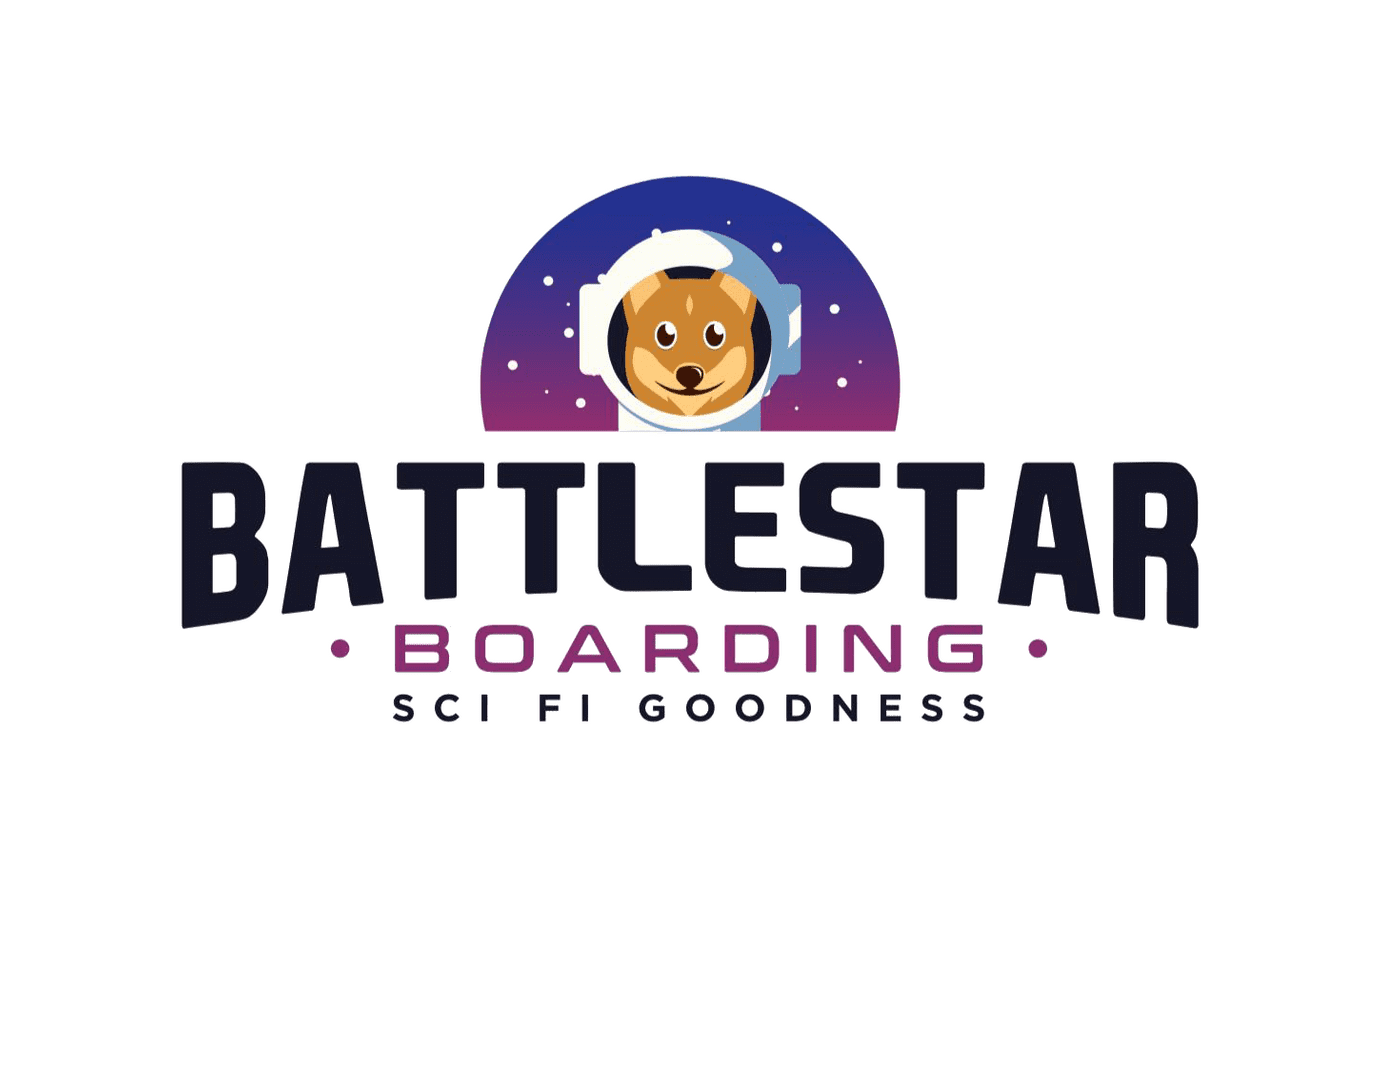 Battlestar Boarding image